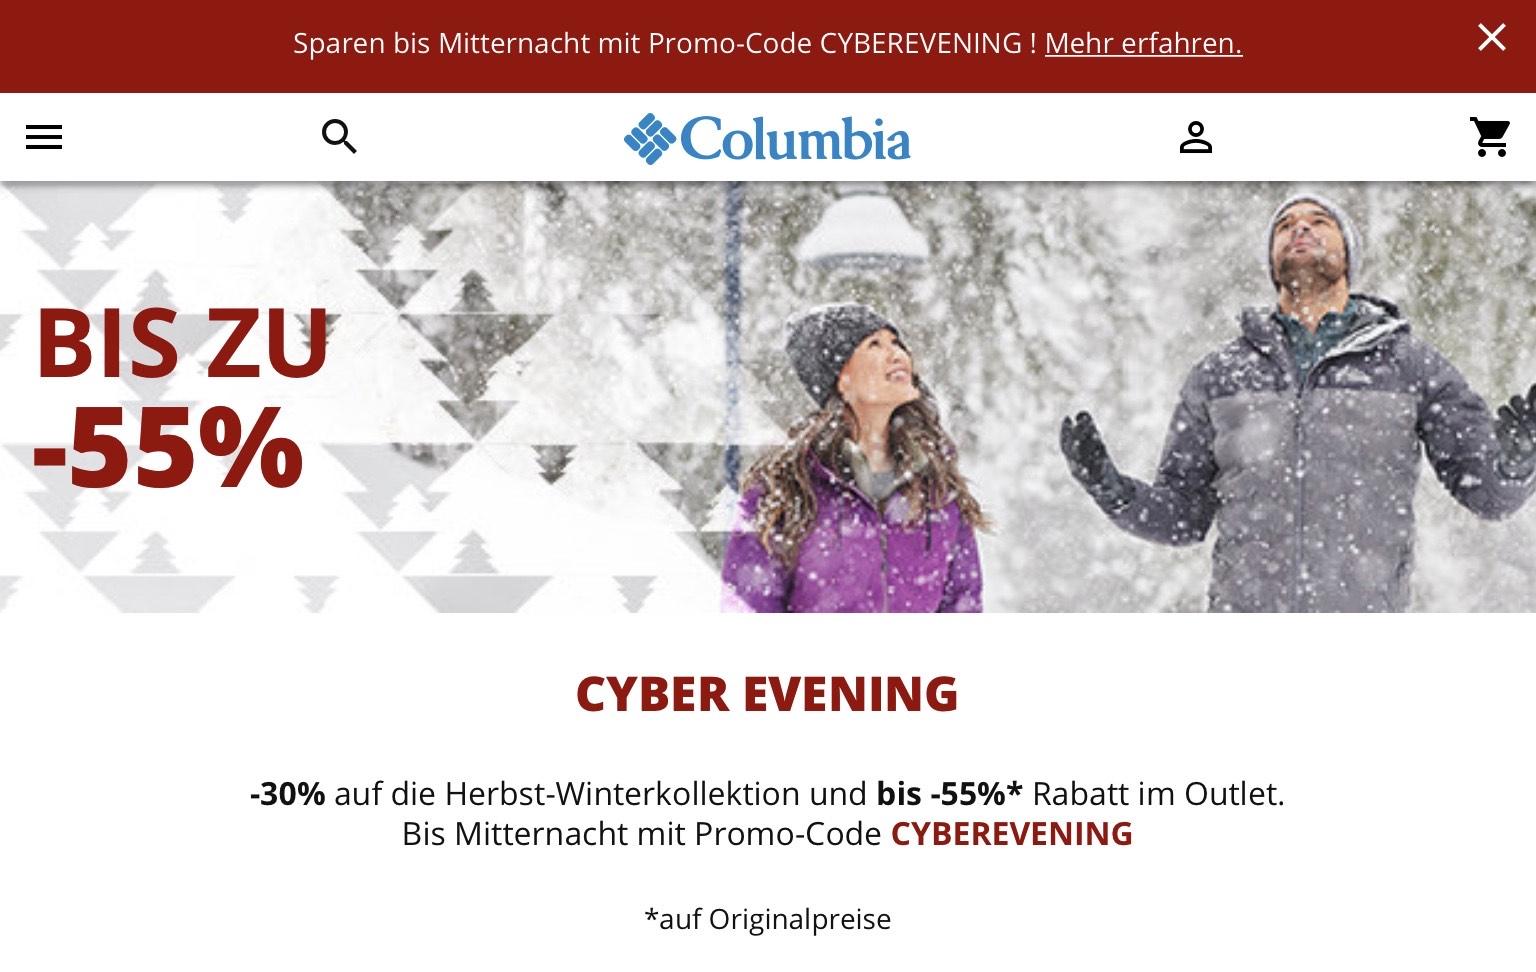 Columbia Cyber Evening mit bis zu 55%